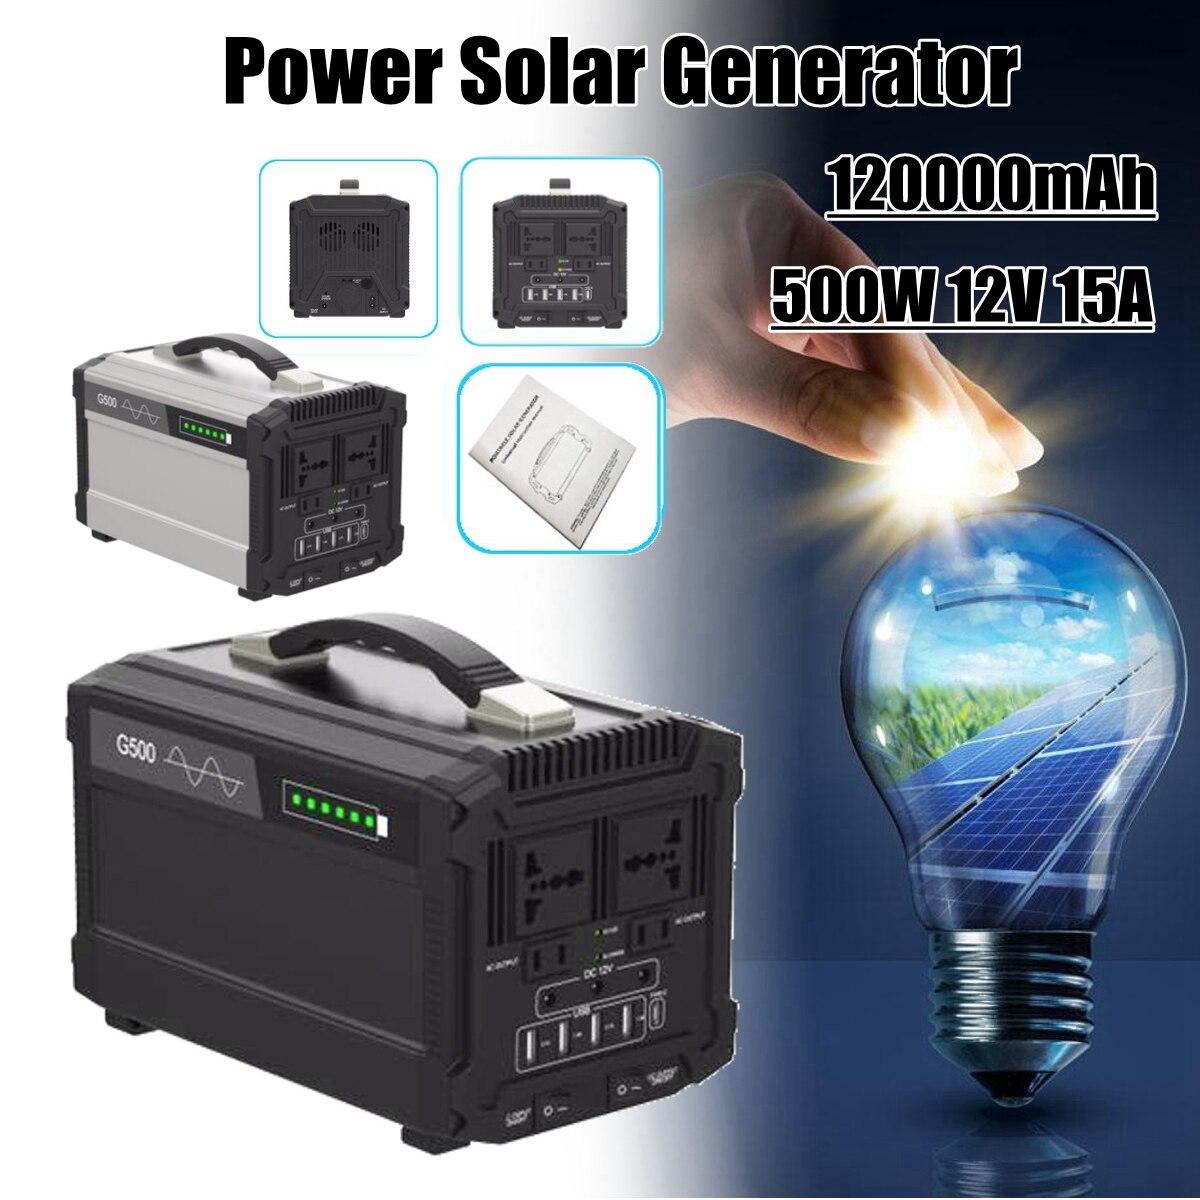 444Wh 120000 mah 500 w 12 v 15A De Stockage D'énergie Accueil Extérieure Portable Power Solaire Générateur de Charge Plus Rapide